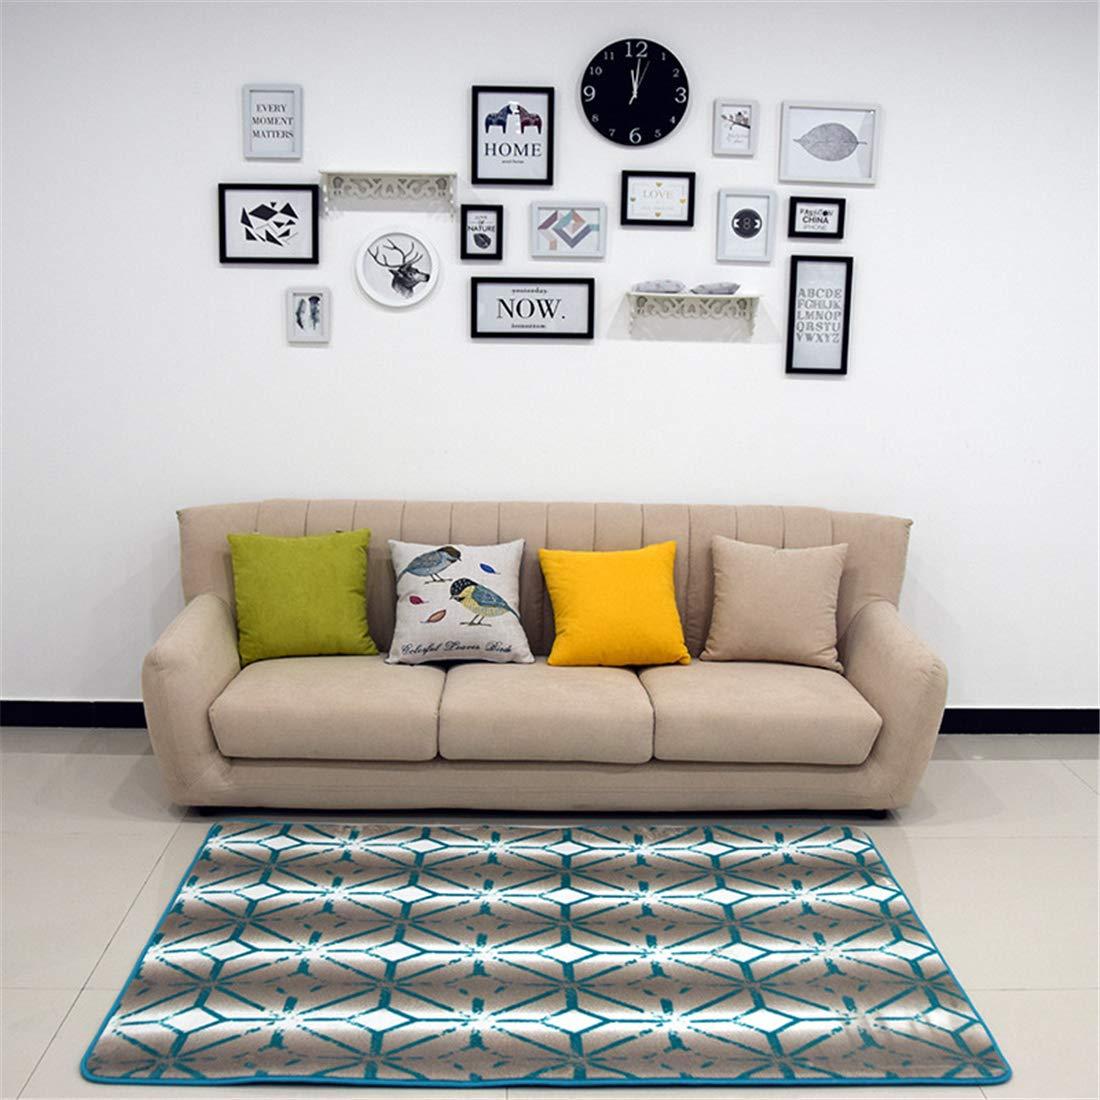 ラグ グレー 120 薄 200x300cm ラグ フランネルプリントカーペット寝室用カーペットNordicリビングルームベッドサイドコーヒーテーブルカーペット 冬 絨毯 B07RJBYX75 FA05 200x300cm